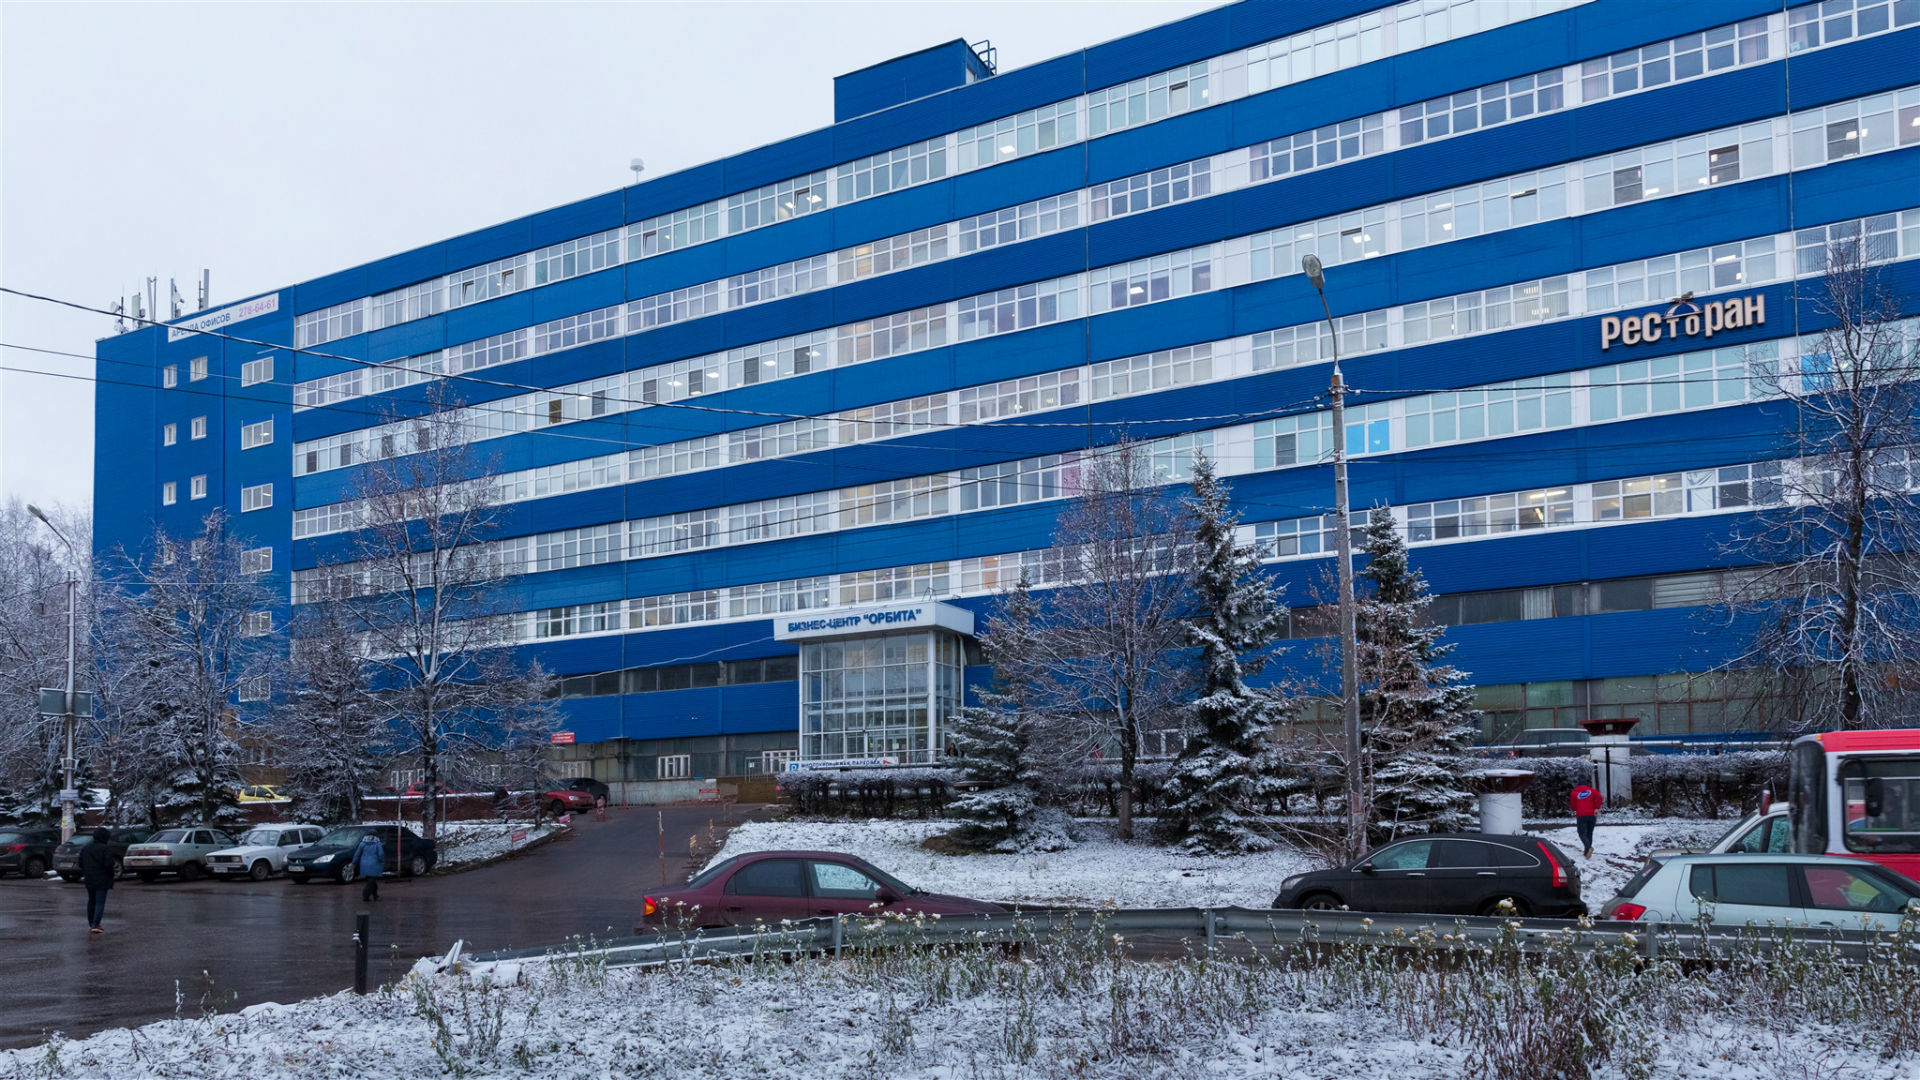 Живем и работаем не в столицах: рынок разработки программного обеспечения в Нижнем Новгороде - 5